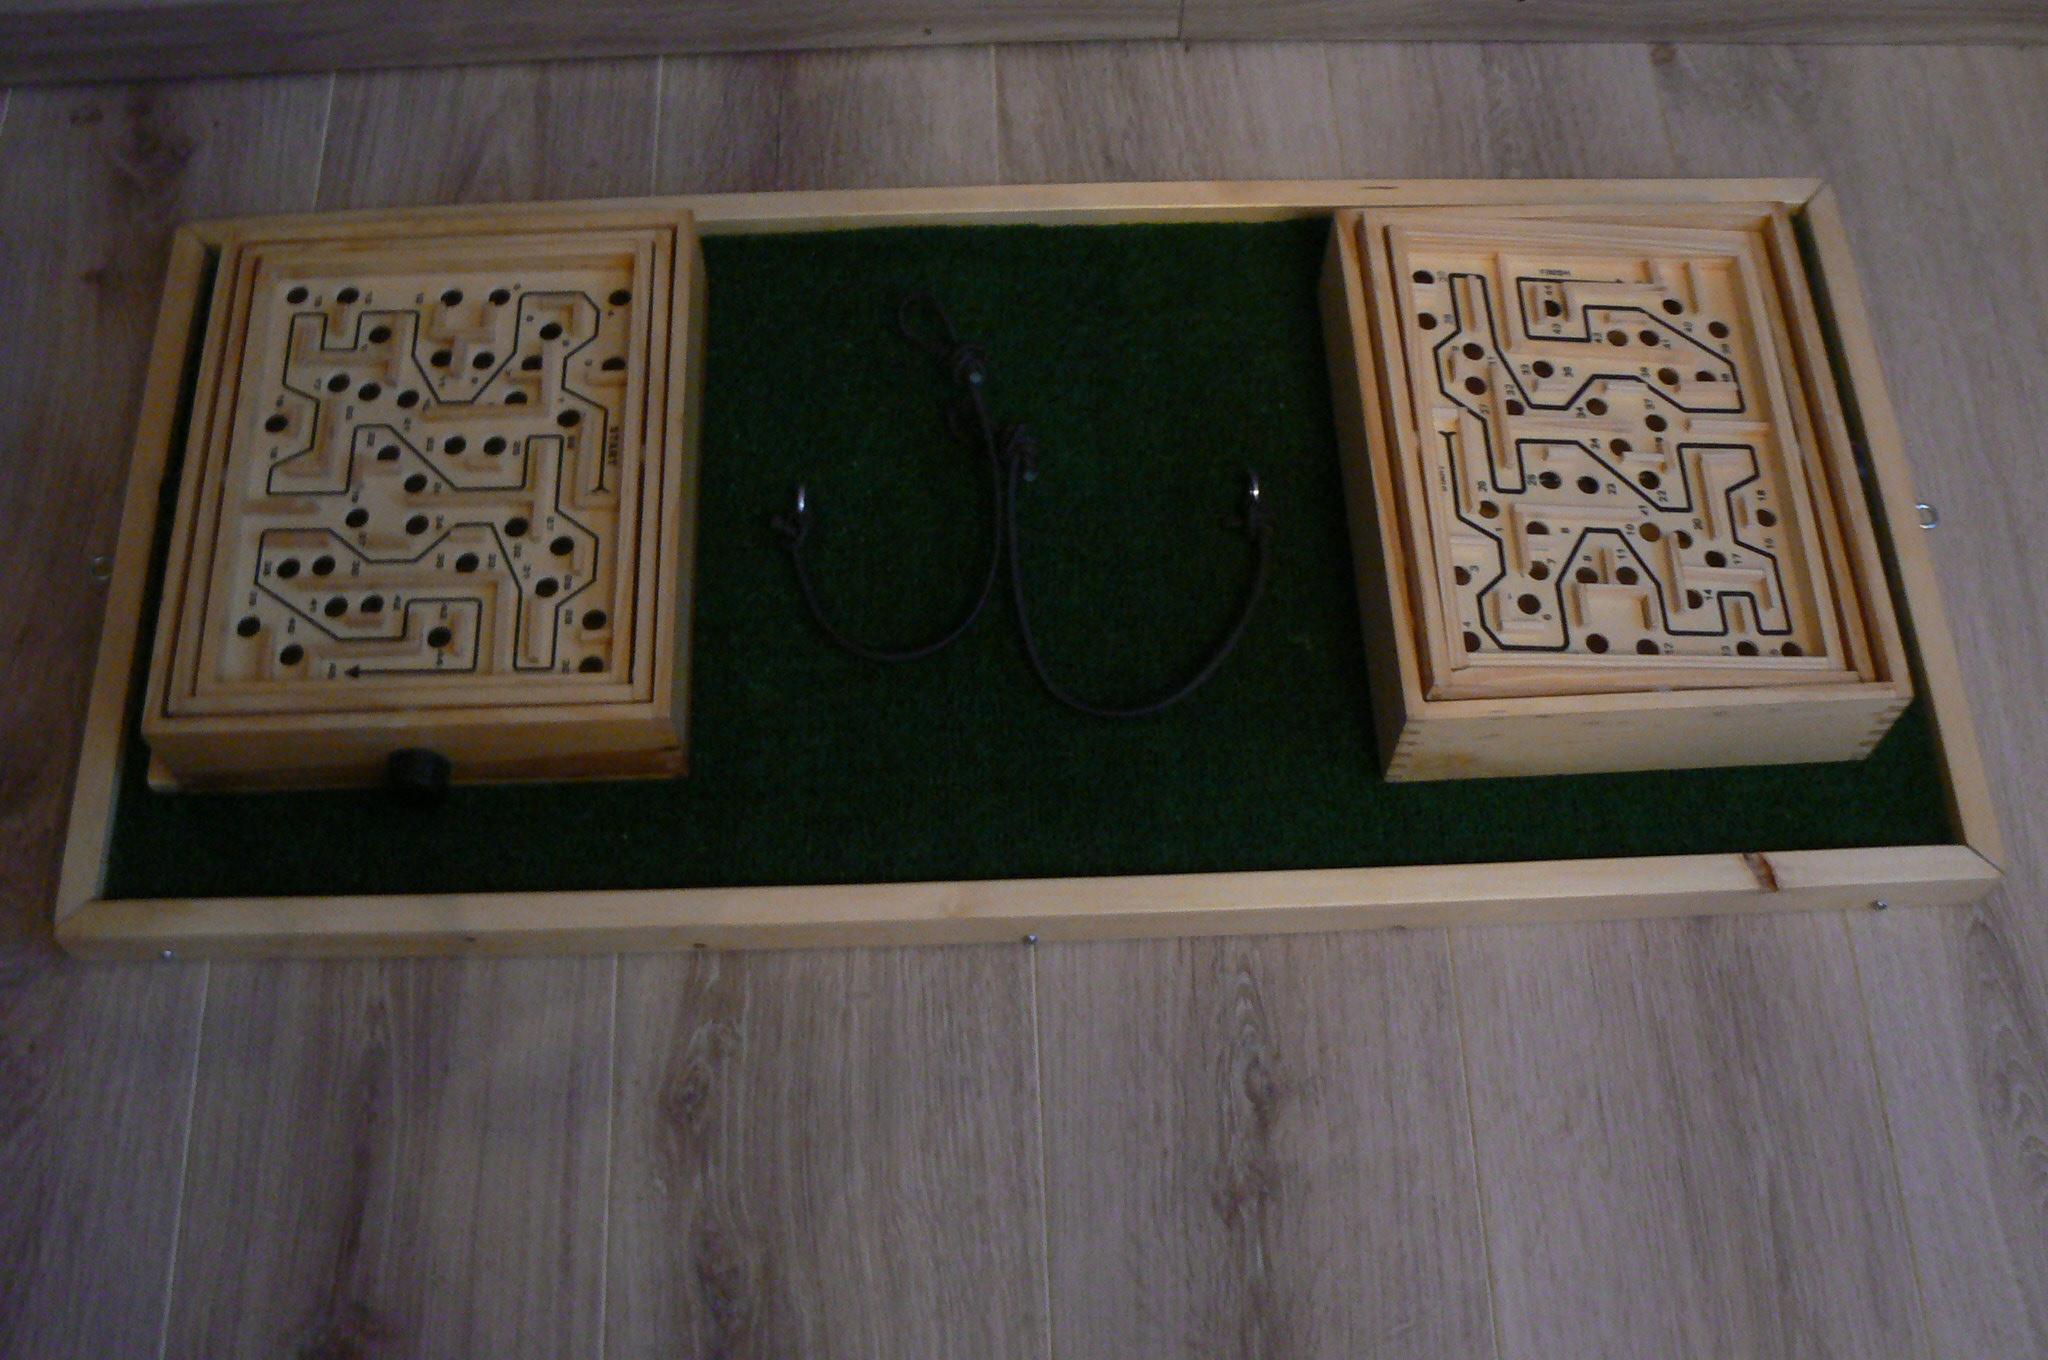 Location de jeux artisanaux en bois labyrinthe p tanque for Regle du jeu petanque